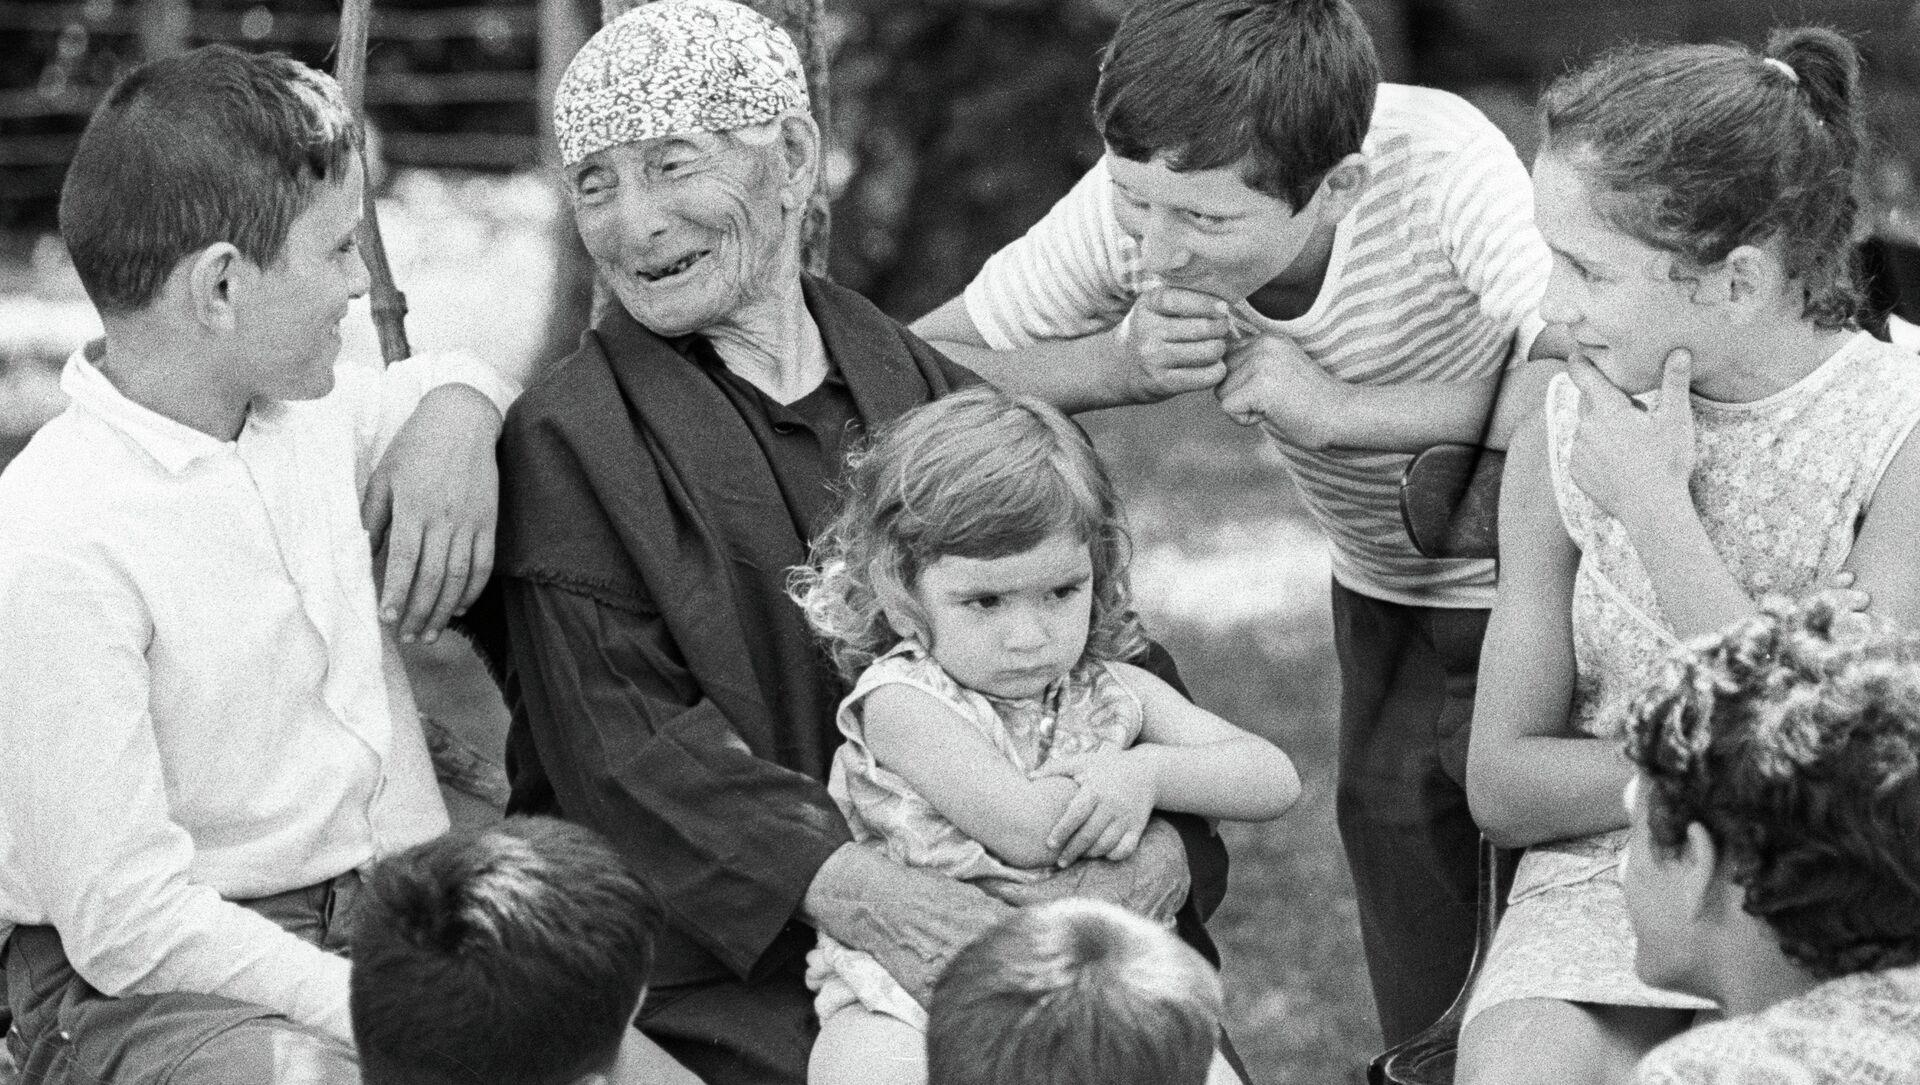 Женщина-долгожитель Хьфаф Ласурия (137 лет) из села Кутол в окружении правнуков. - Sputnik Аҧсны, 1920, 27.02.2021